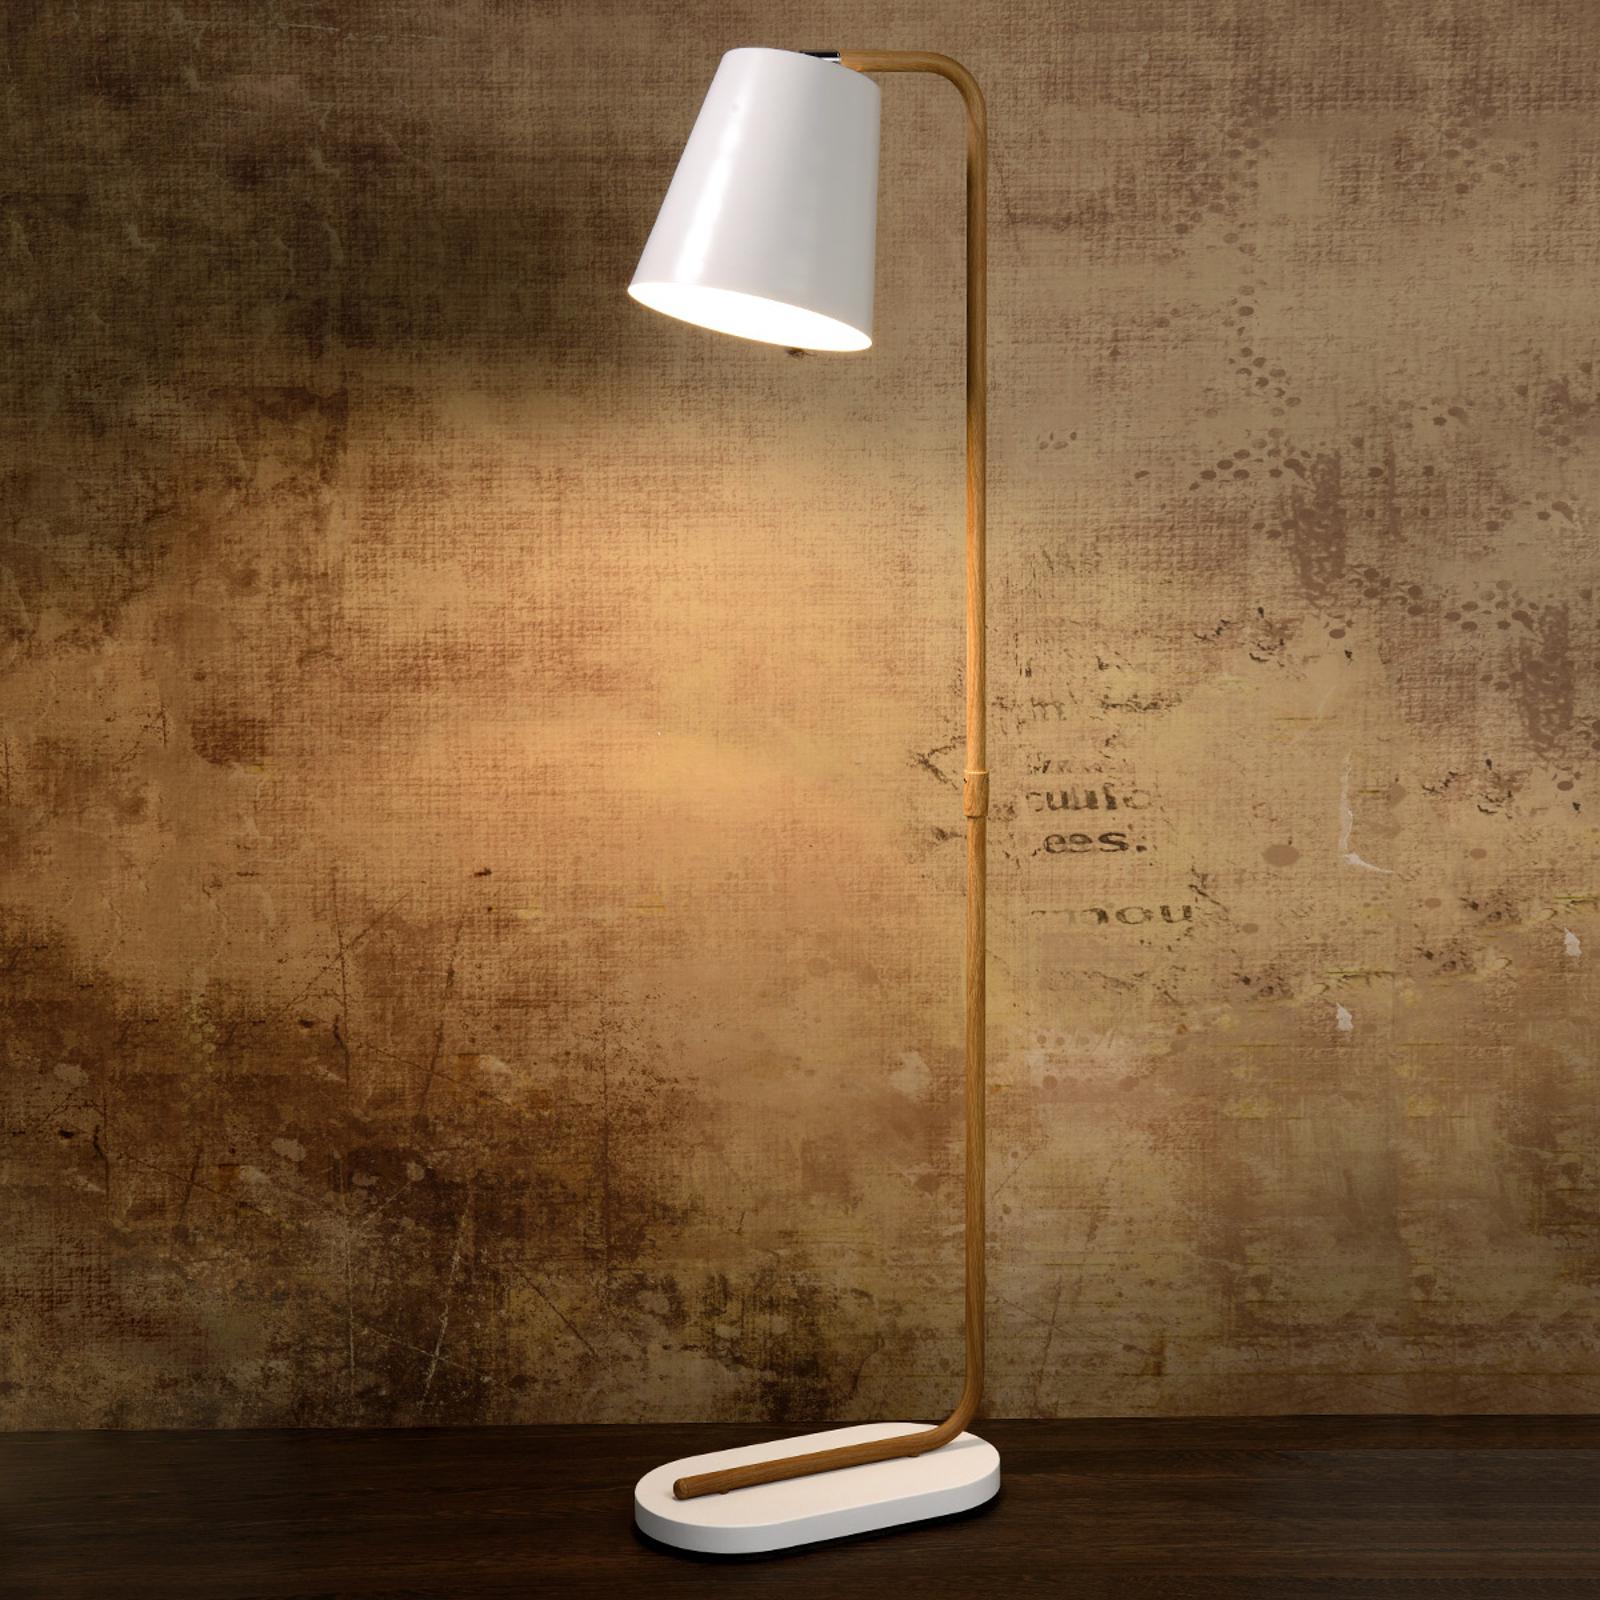 Vloerlamp Cona met wit metalen kap